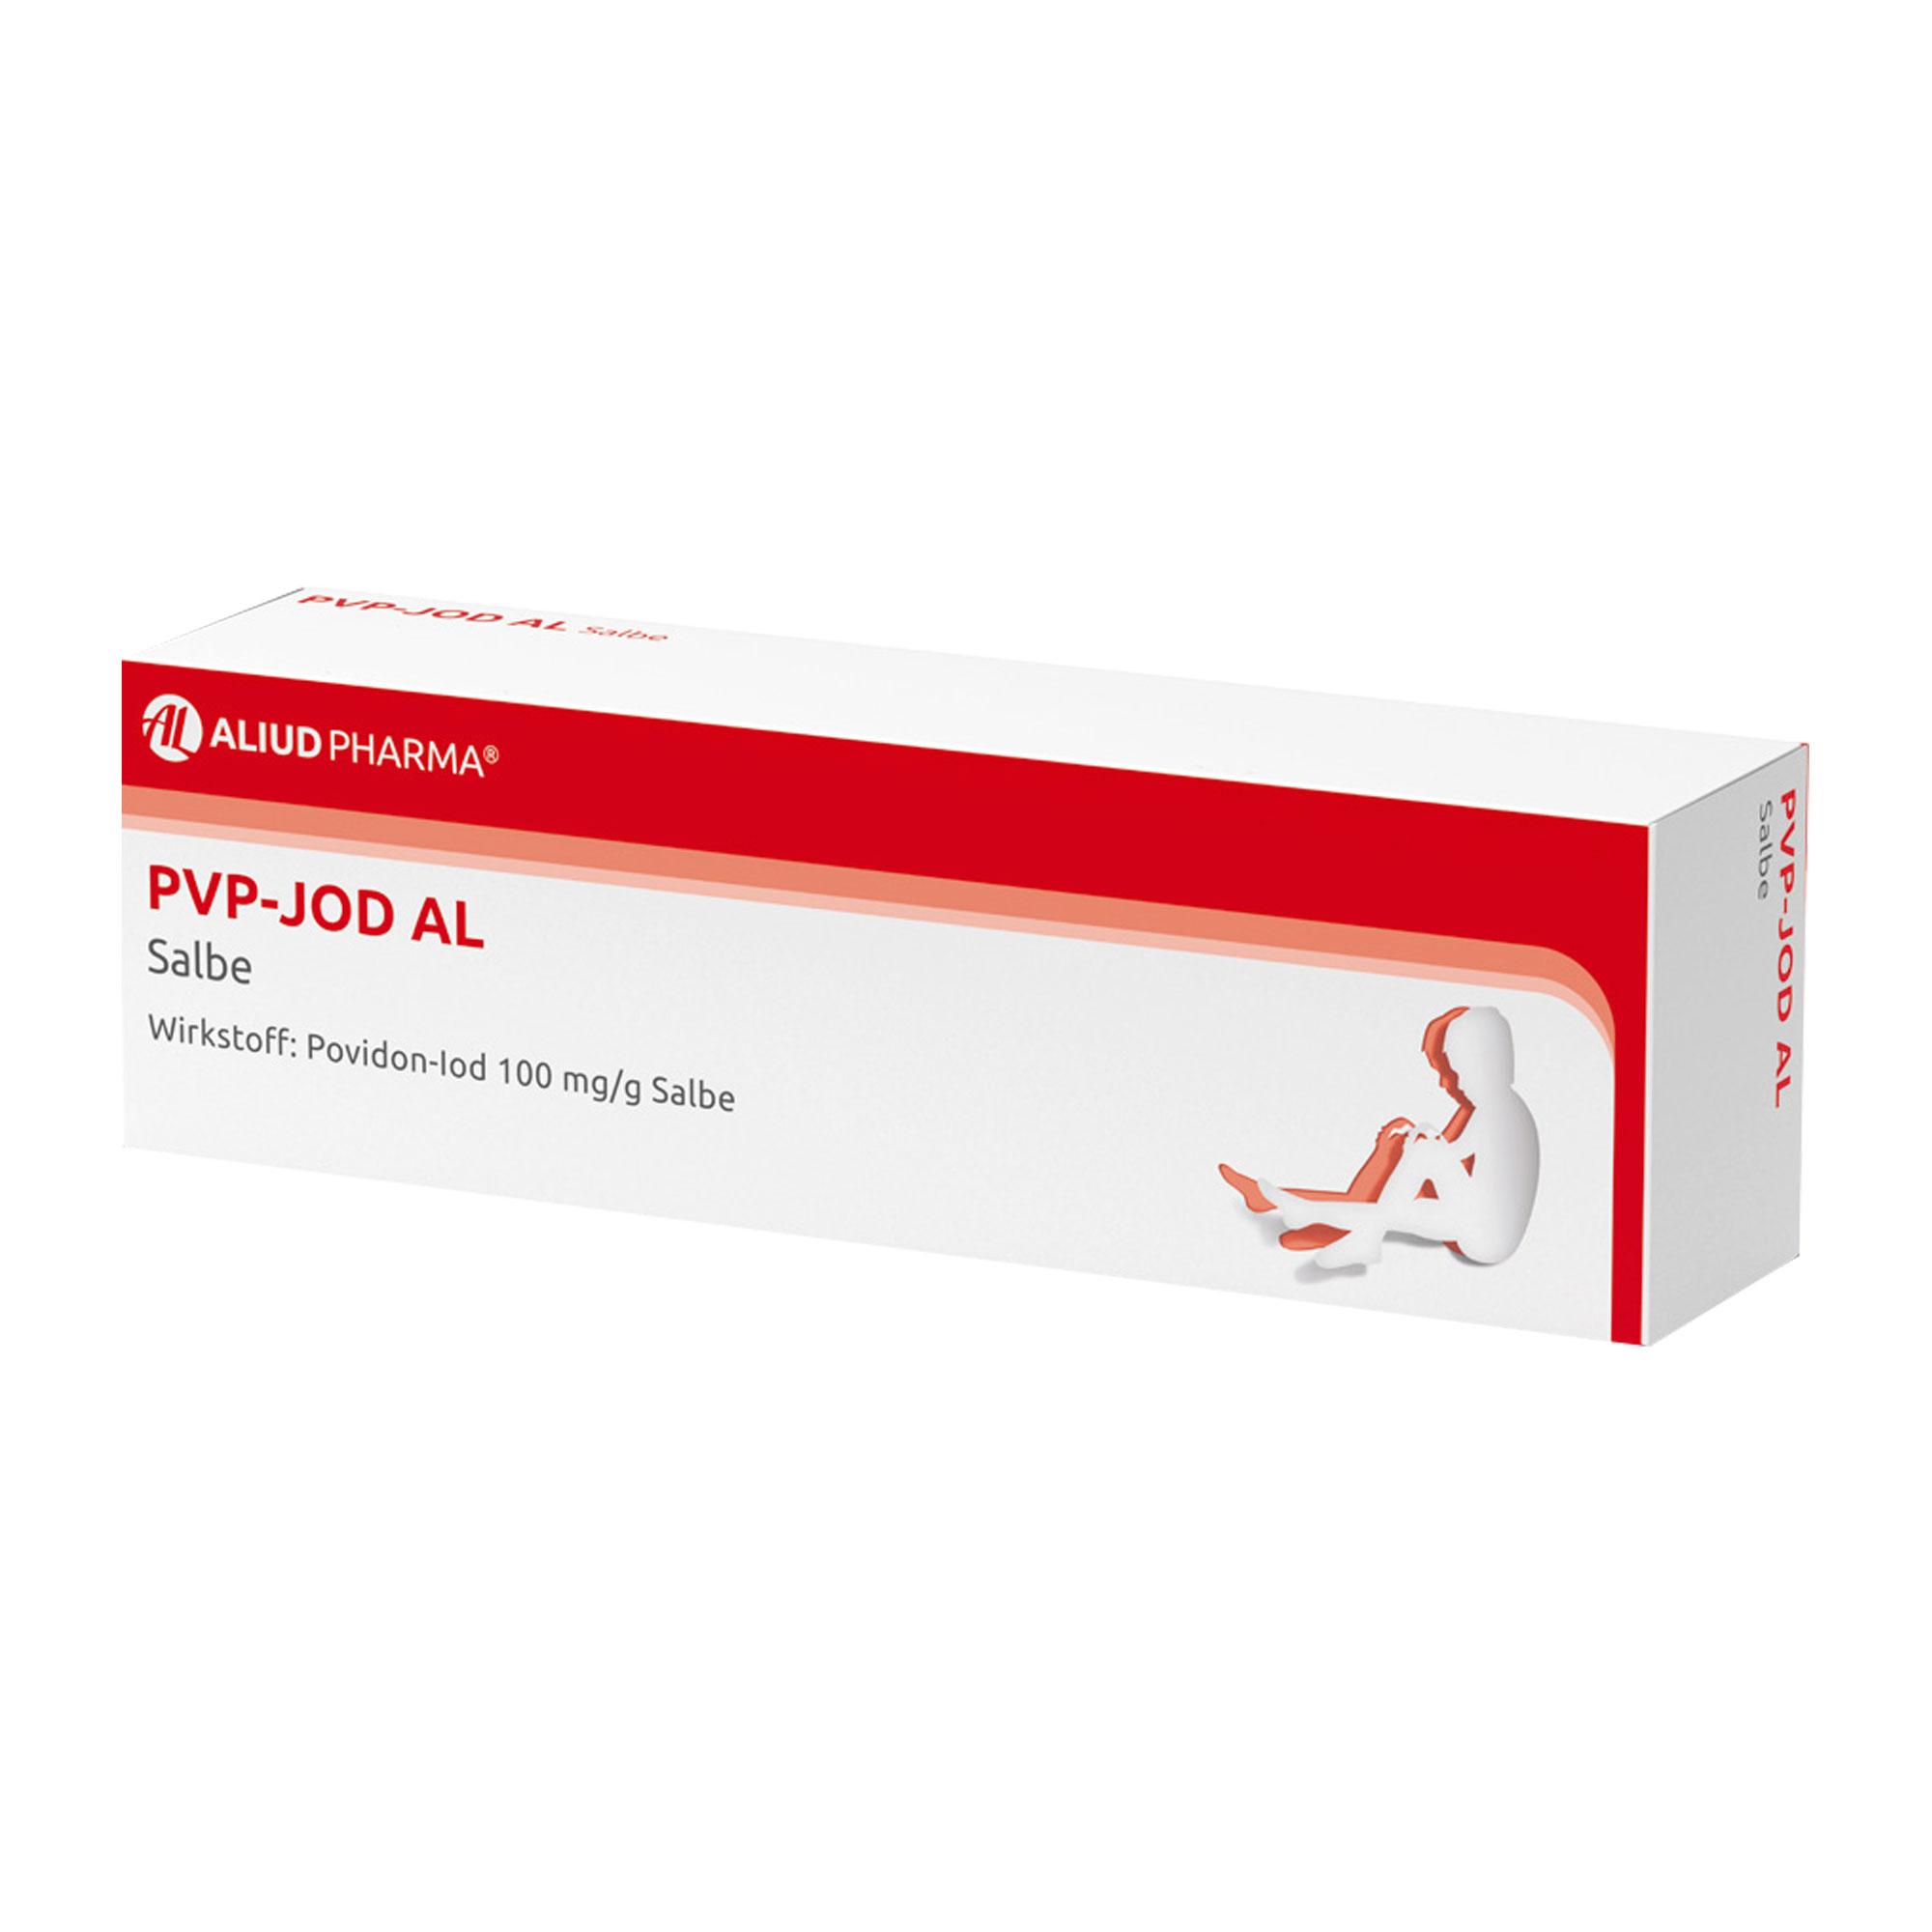 PVP-JOD AL Salbe Antiseptikum